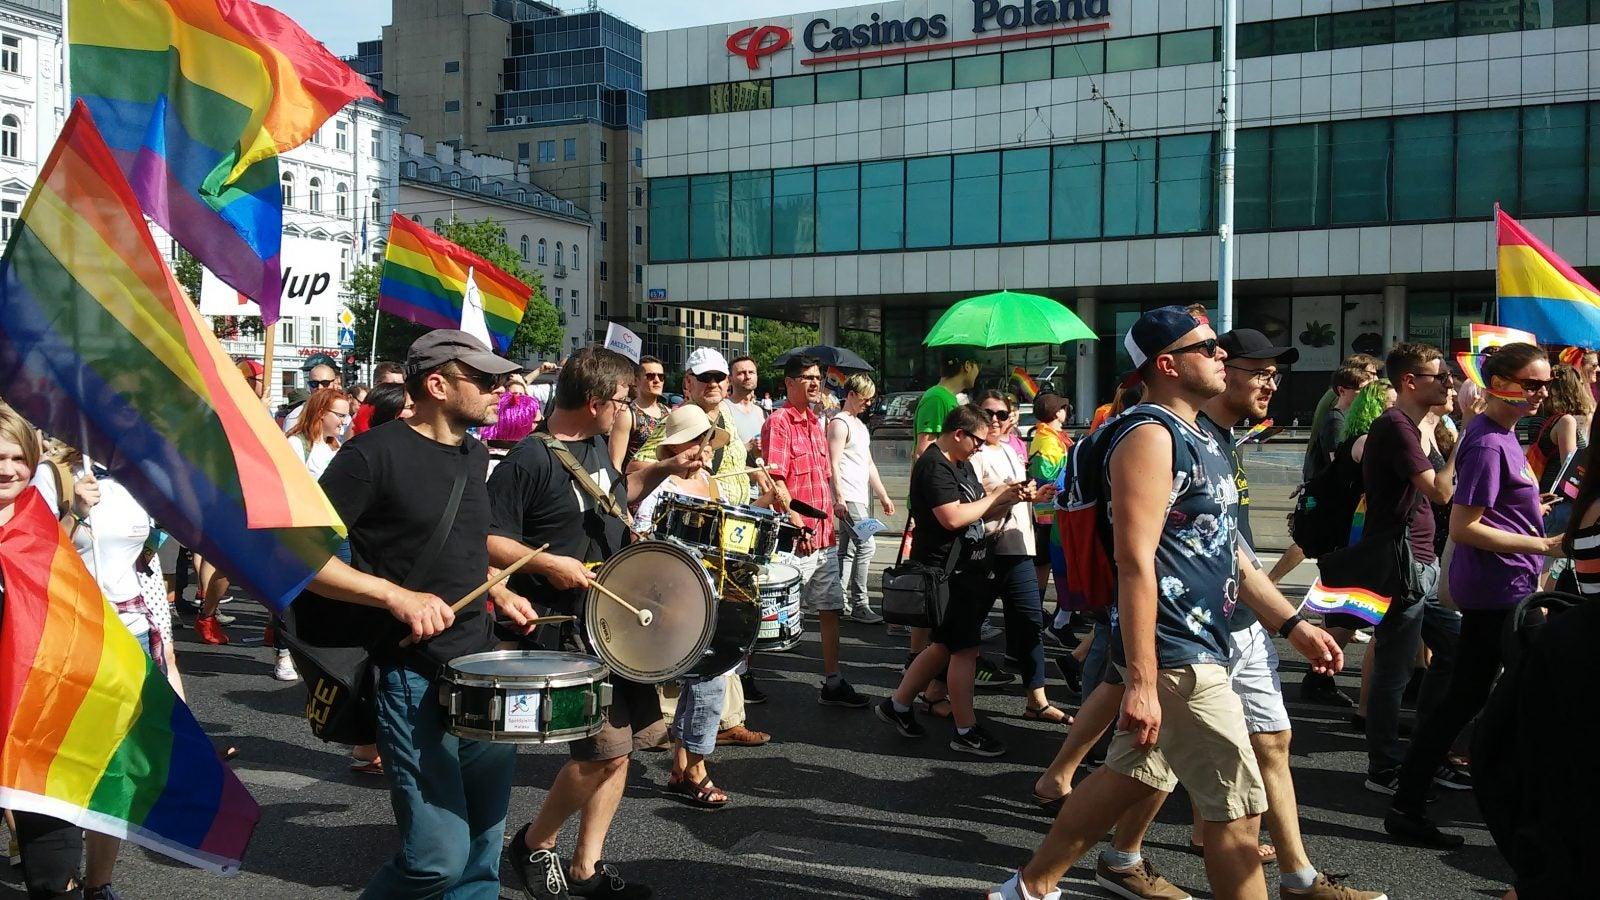 Pride Parade in Warsaw, Poland